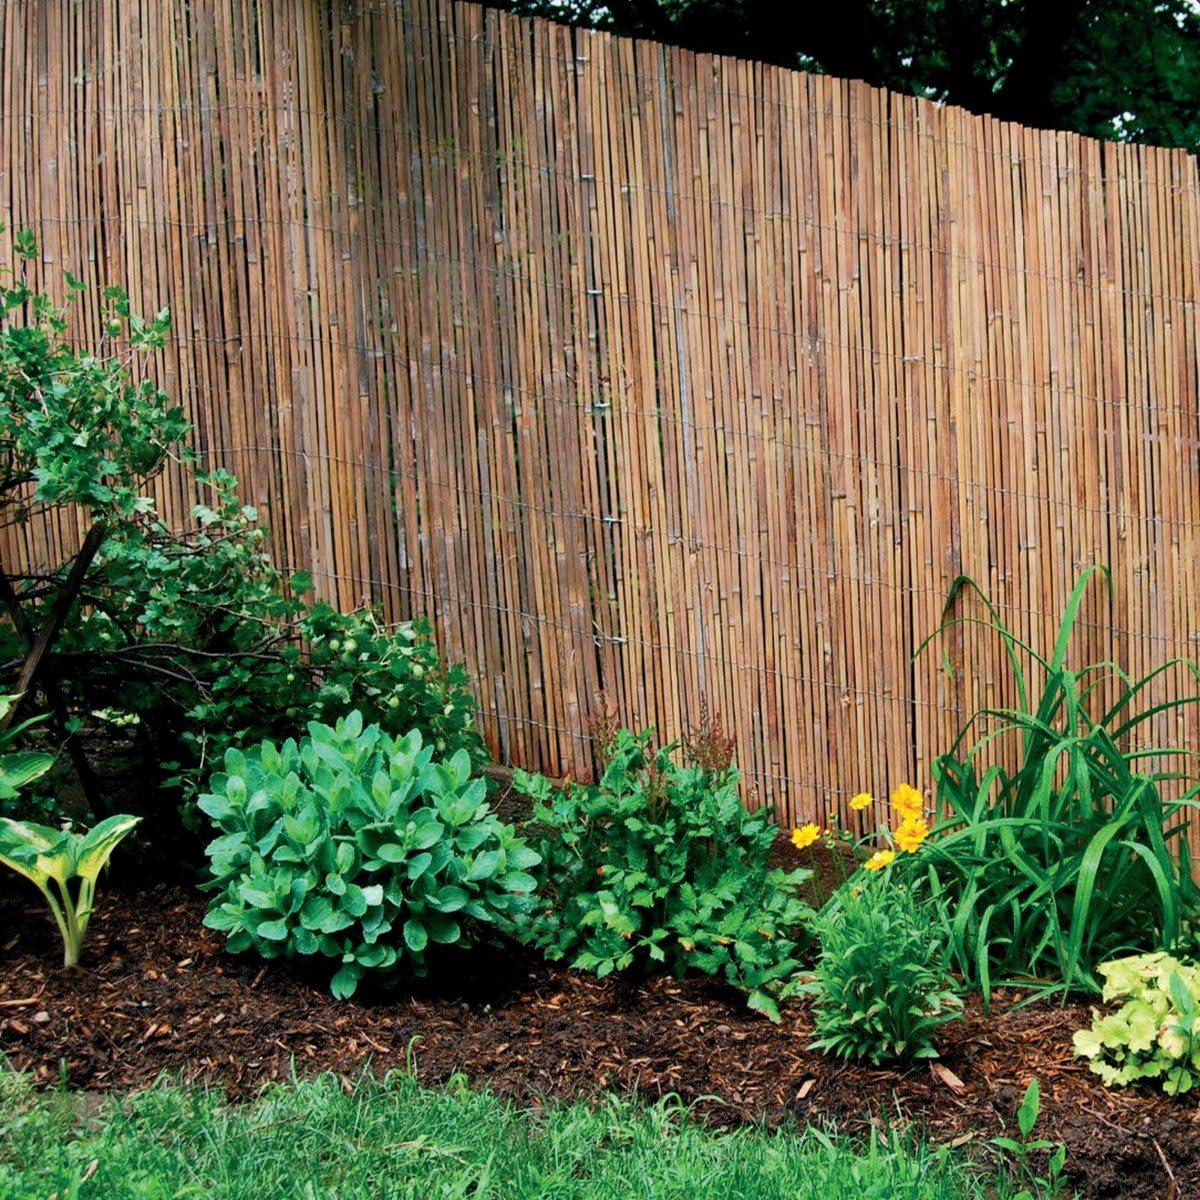 Arella Taim caña Valla coperture separadores ombreggiante Varios Tamaños: Amazon.es: Jardín